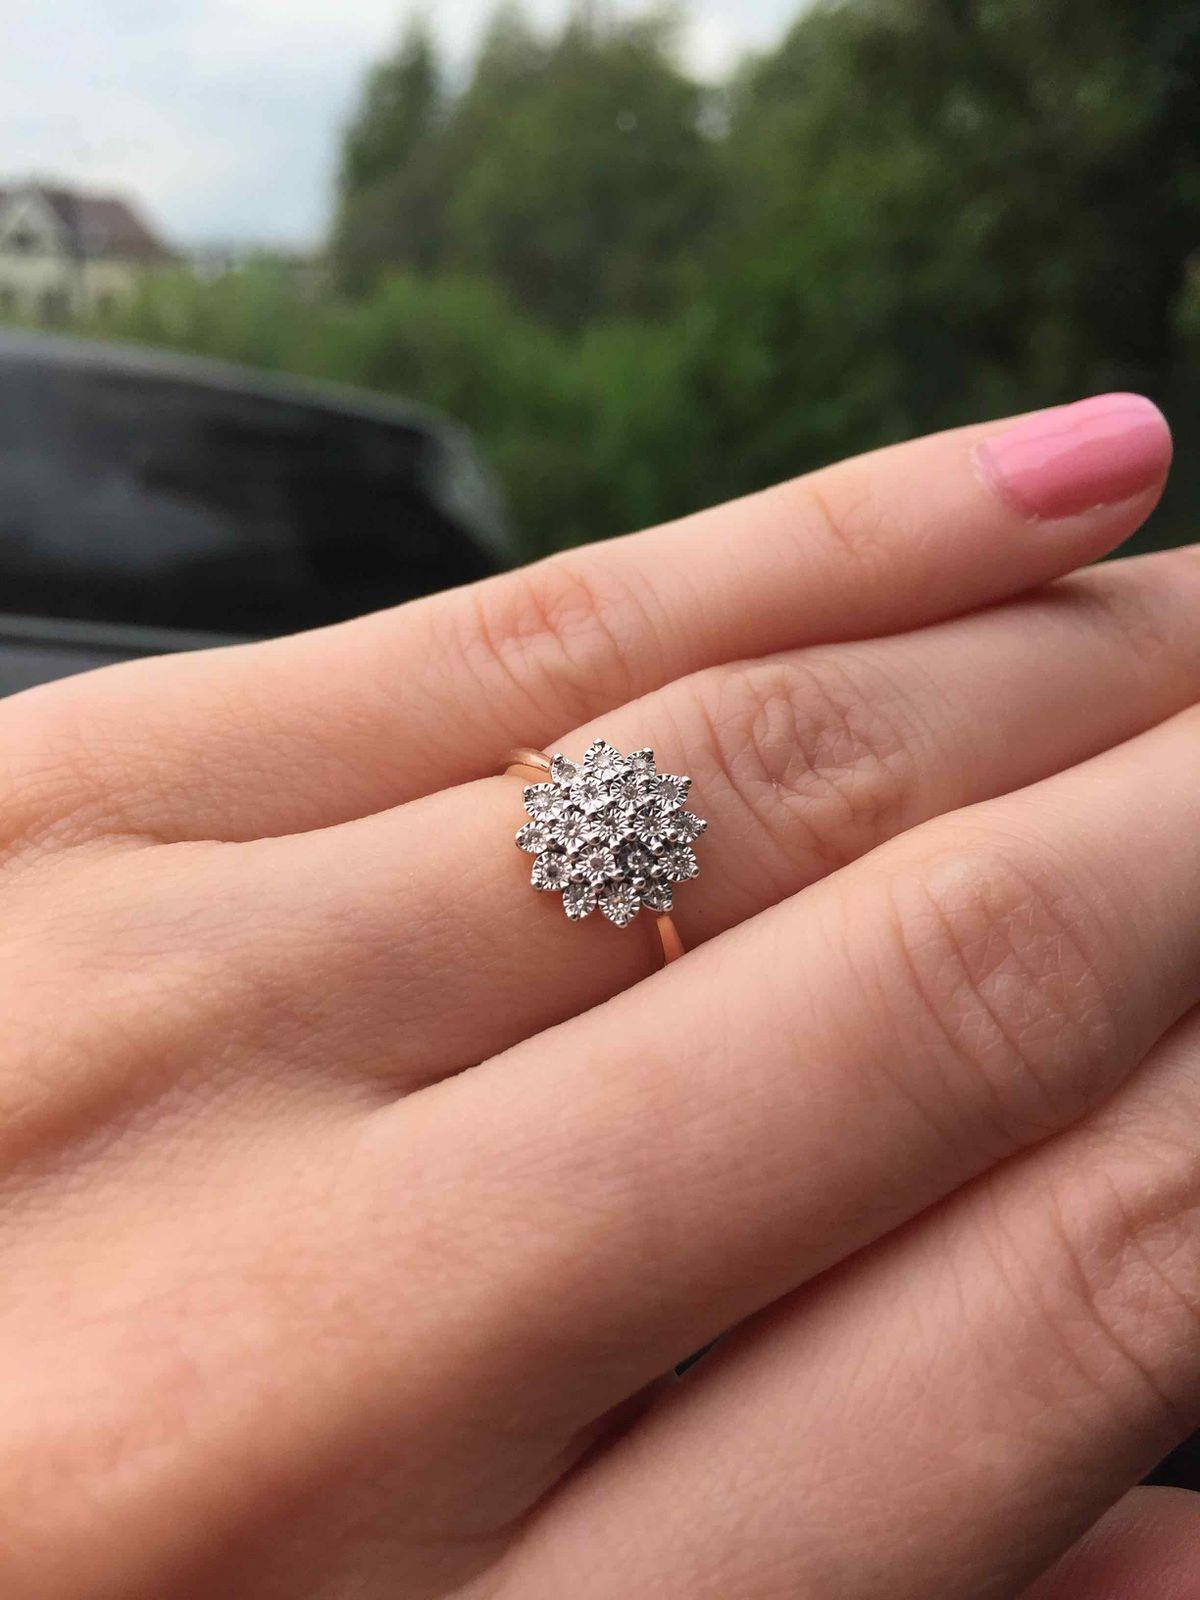 Бриллиантовая шапочка на пальчик